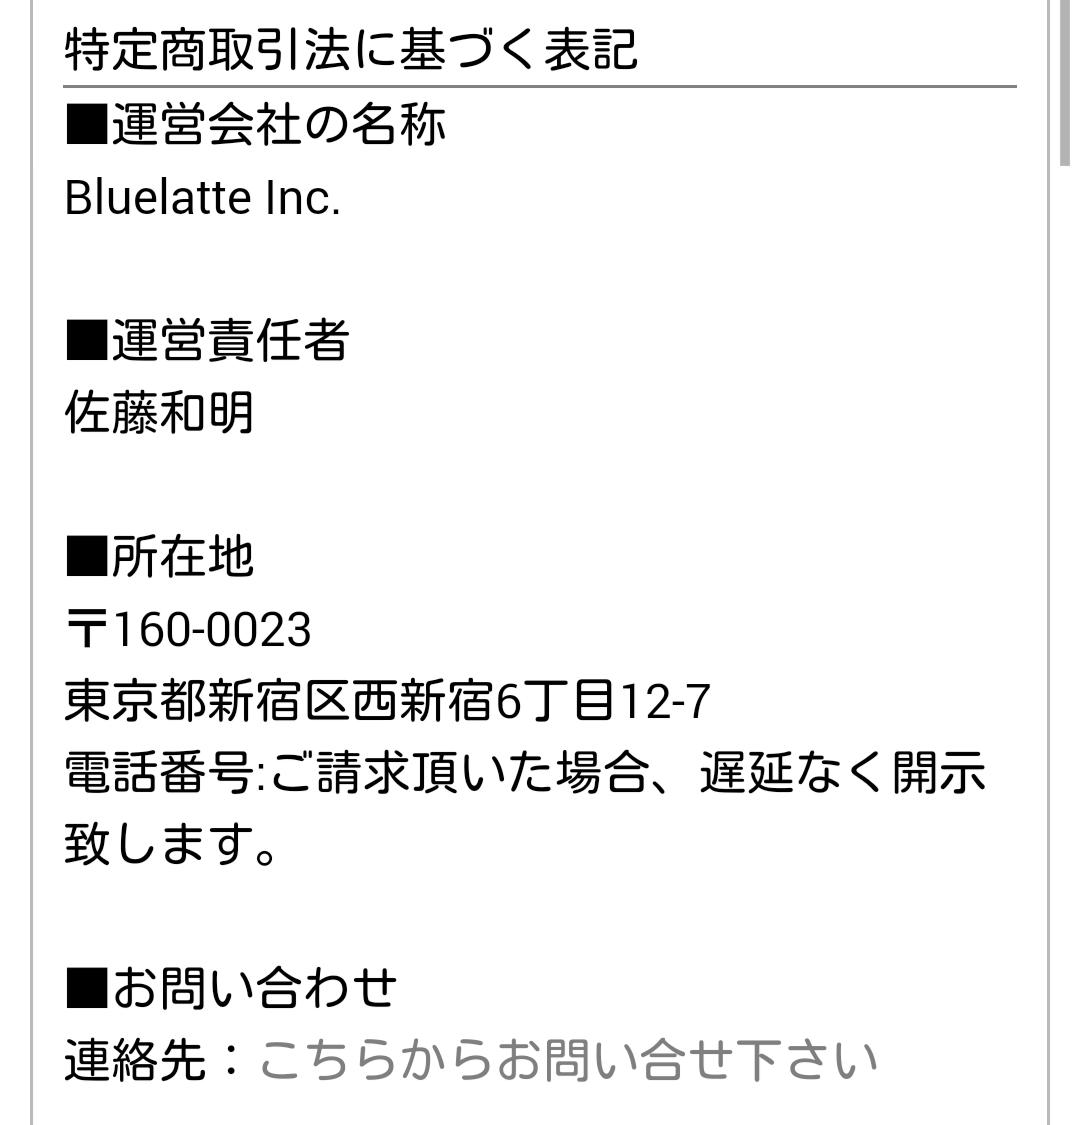 友達作り出会系チャットトーク恋活クリスタ 恋人探し無料アプリの運営会社情報